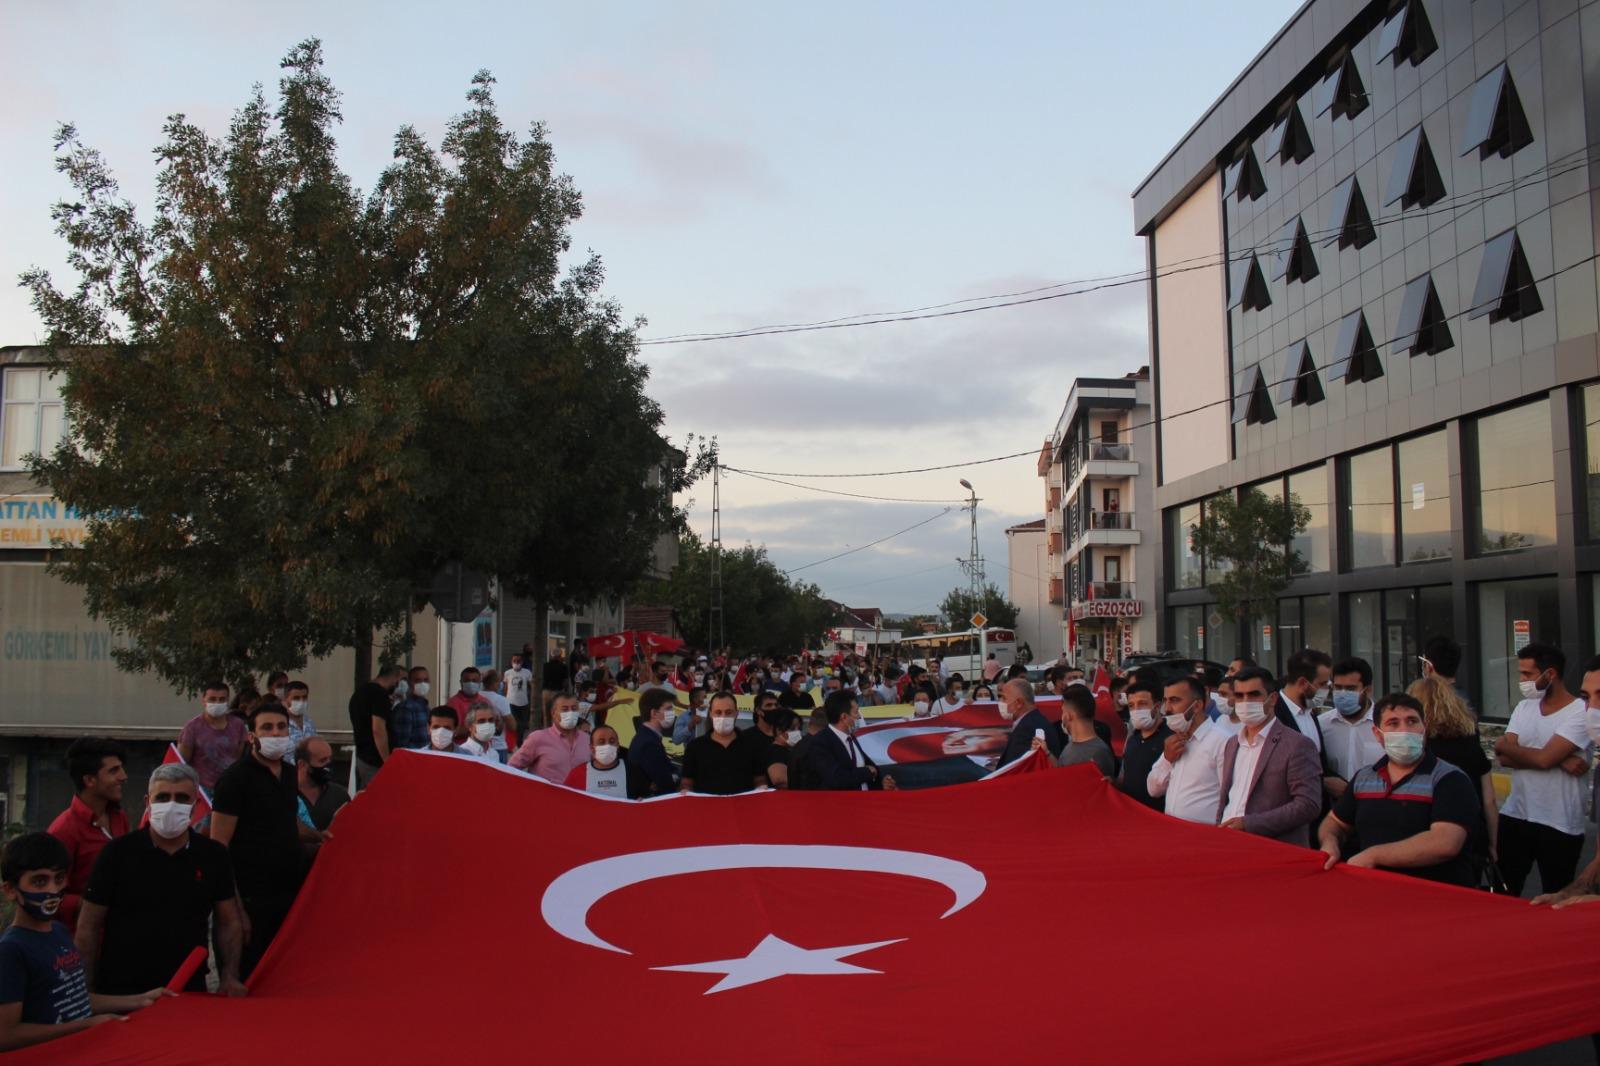 CHP Sancaktepe ilçe Başkanlığı tarafından 30 Ağustos Zafer Bayramı kutlamaları kapsamında meşaleli yürüyüş düzenlendi.